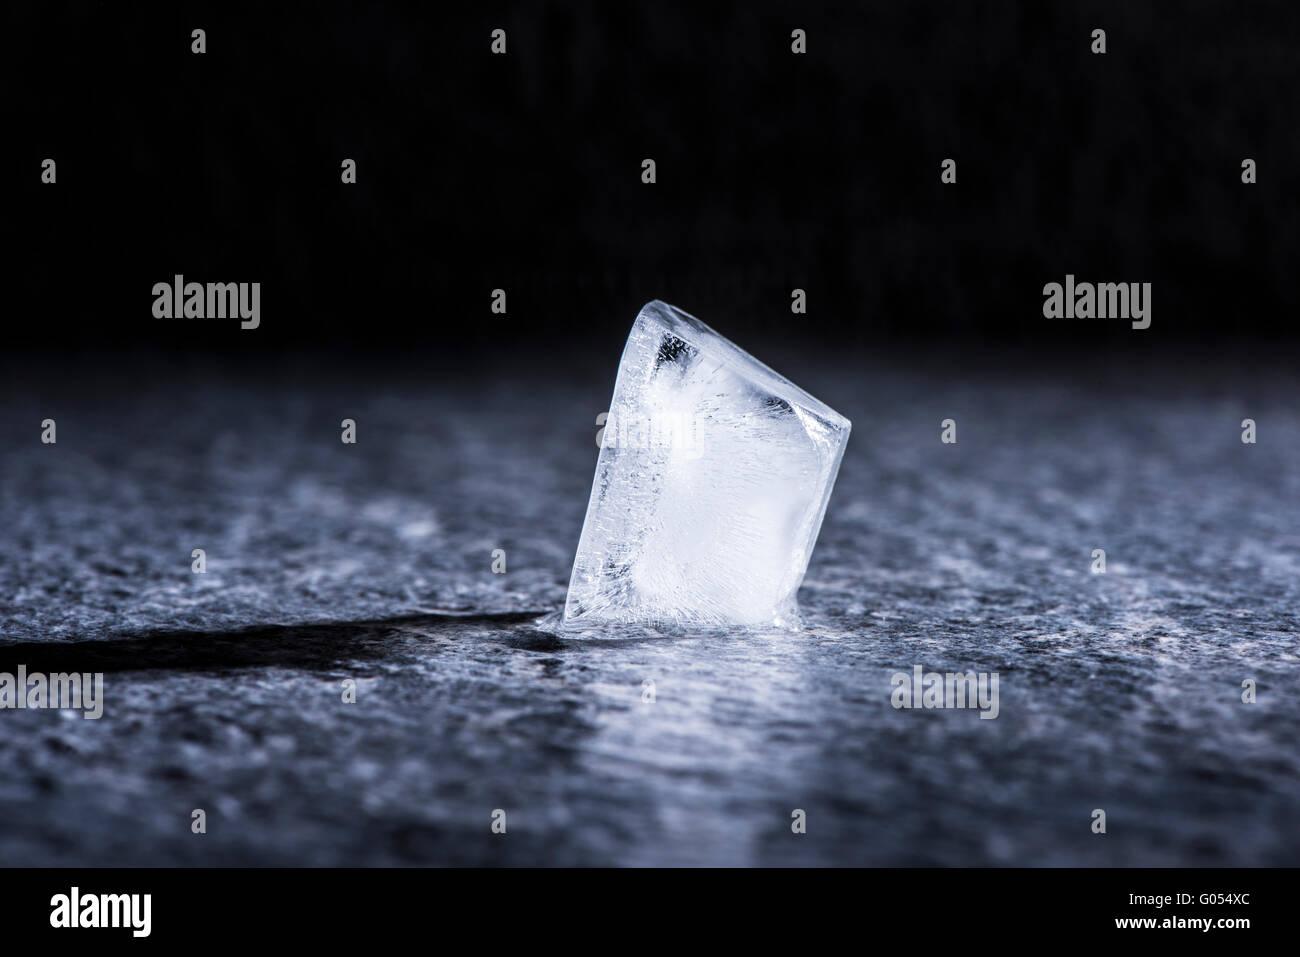 Schmelzende Eiswürfel in enger auf. Konzept der Kälte, Wasser und Wandel. Stockbild